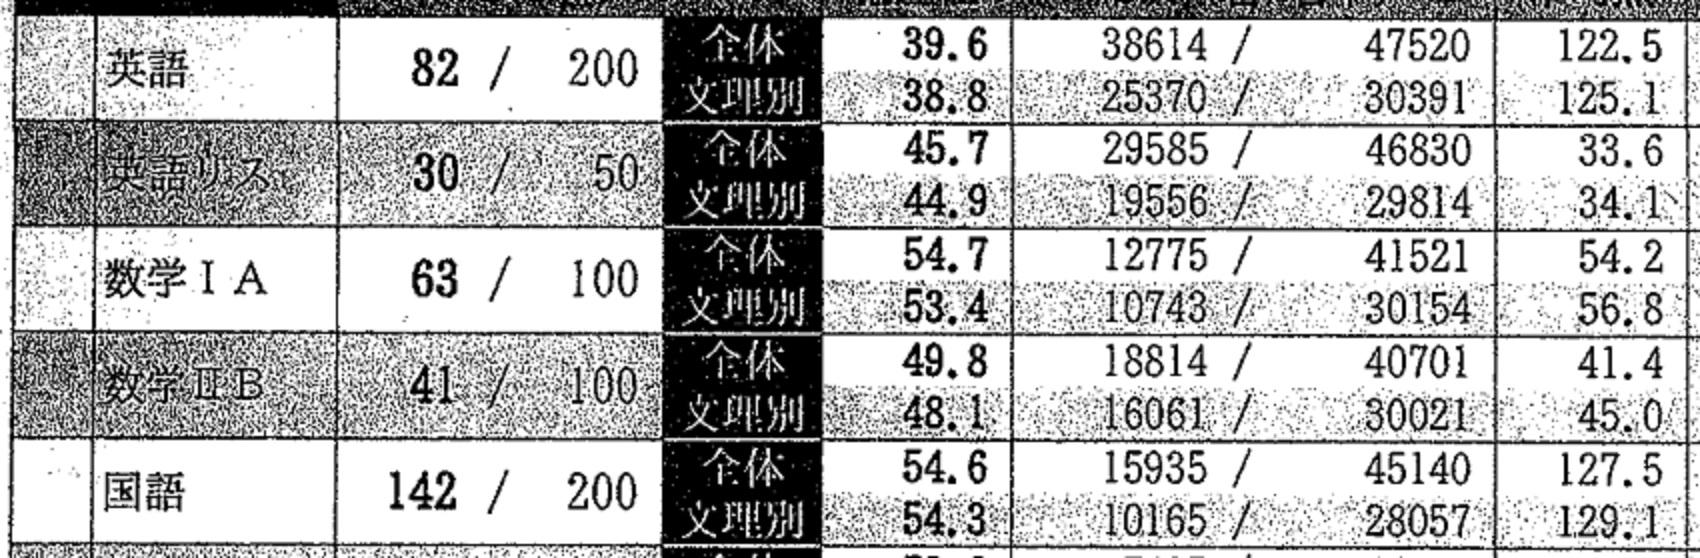 大学 奈良 値 女子 偏差